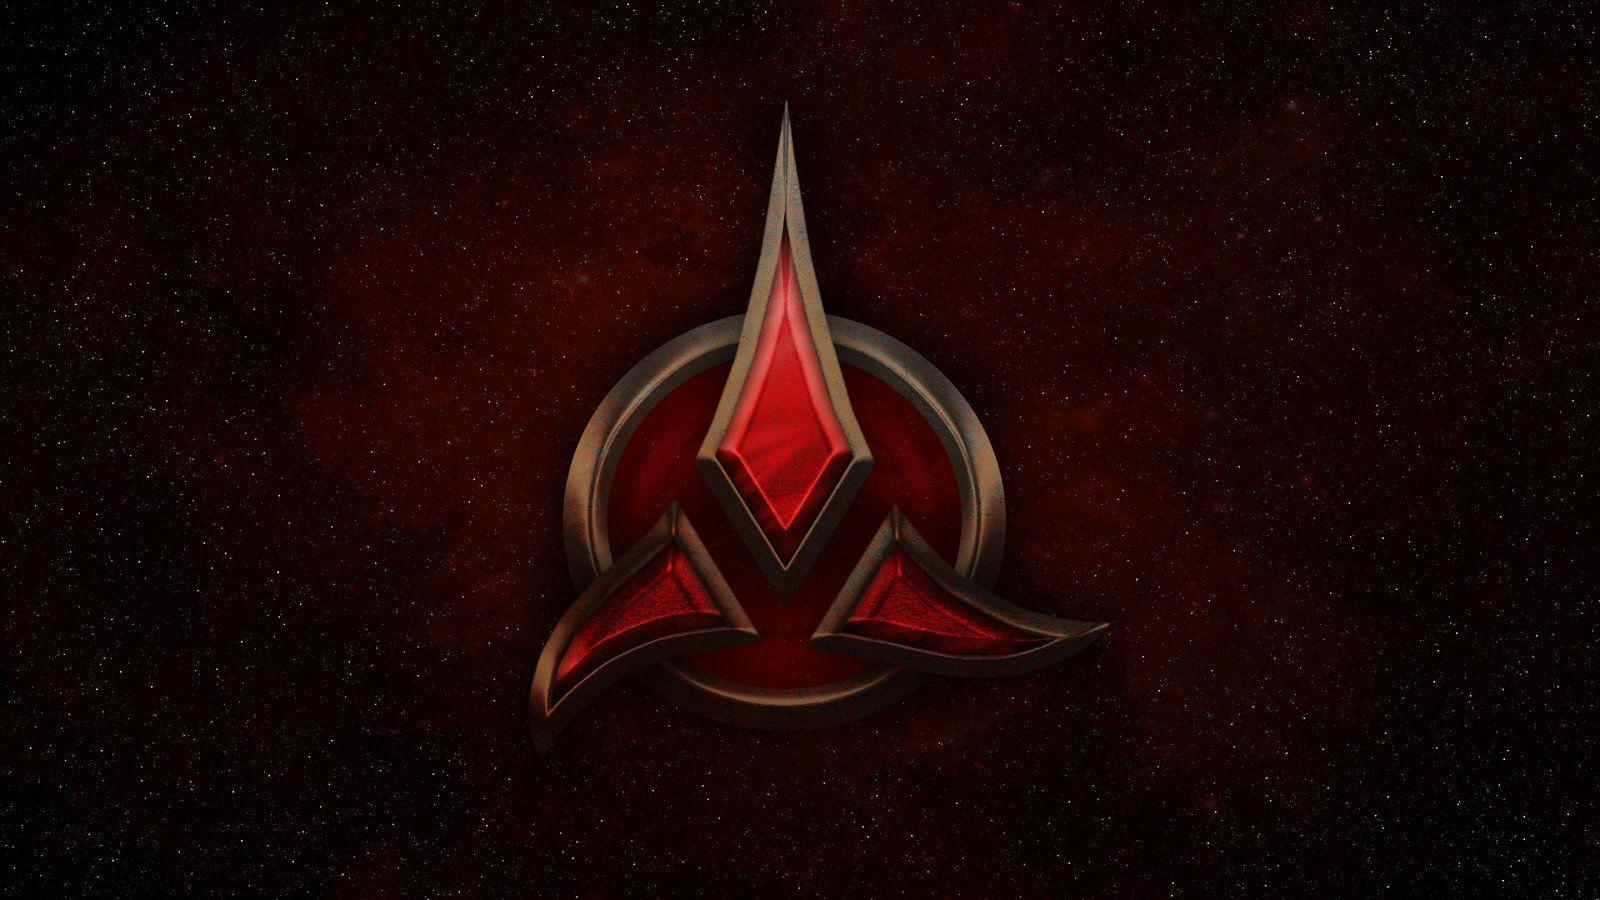 Klingon Star Trek Iphone Wallpapers Top Free Klingon Star Trek